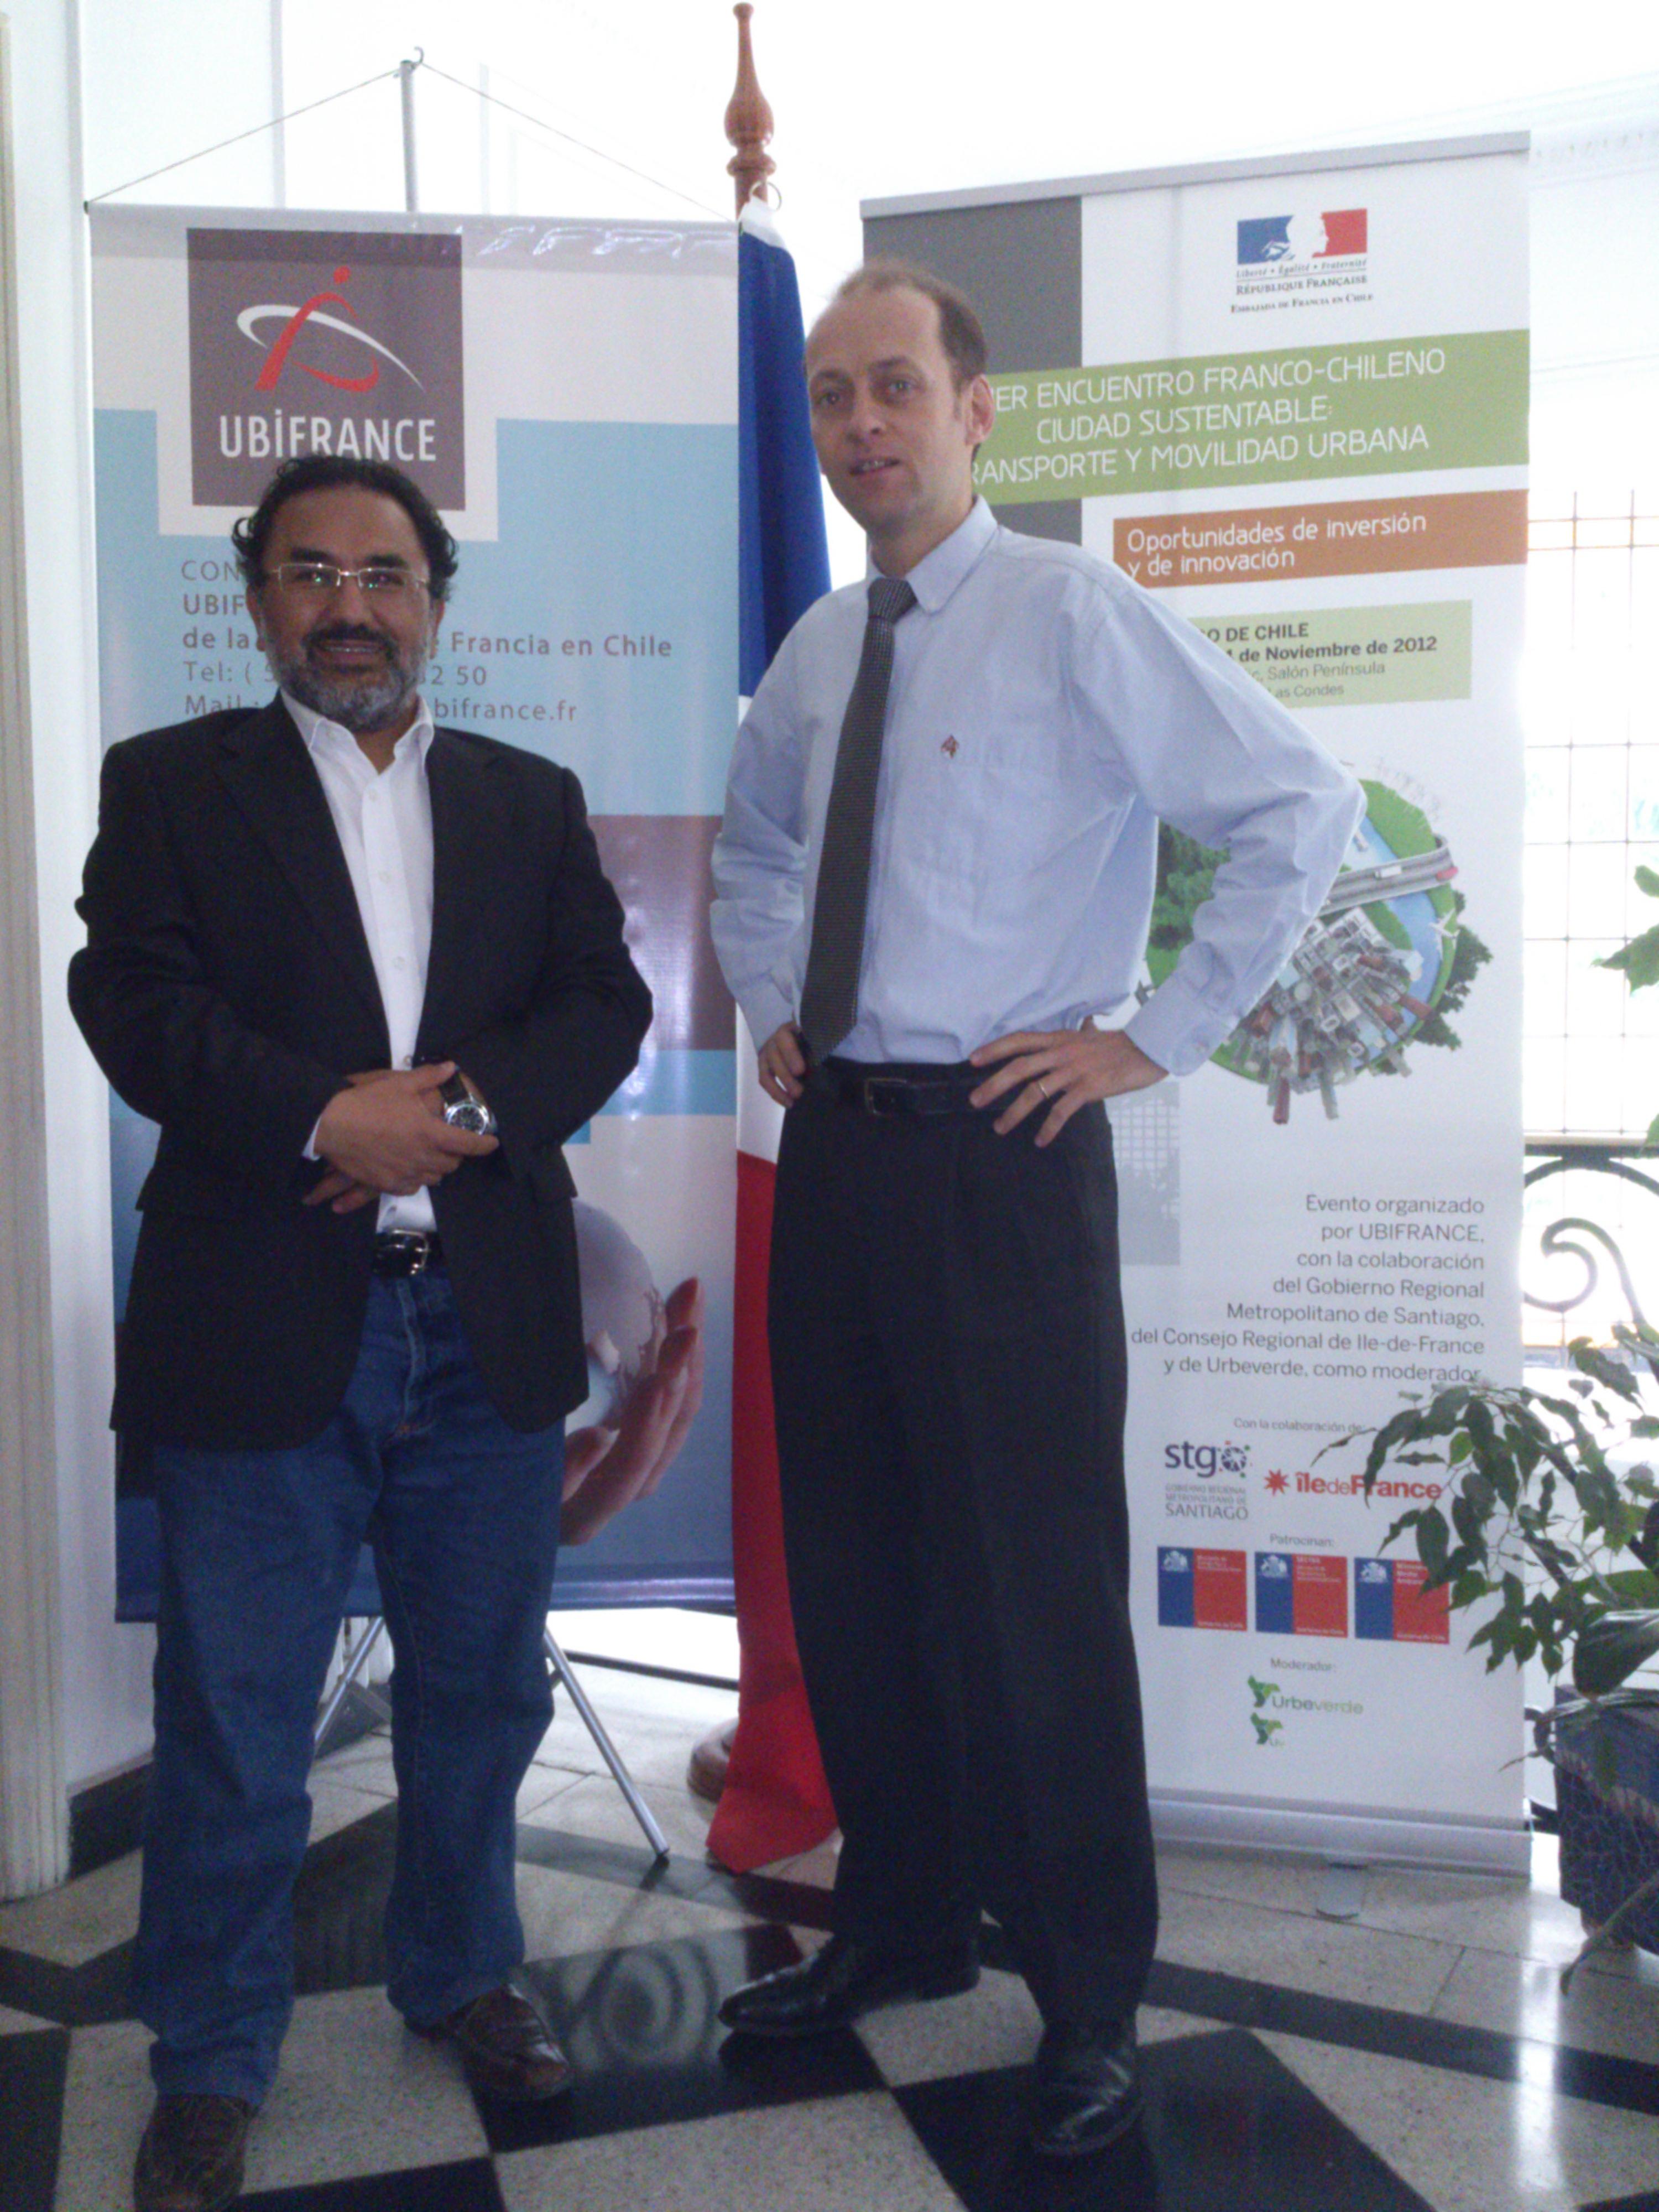 El director de Chilehalal se reune con el Director de UBIFRANCE en Santiago de Chile